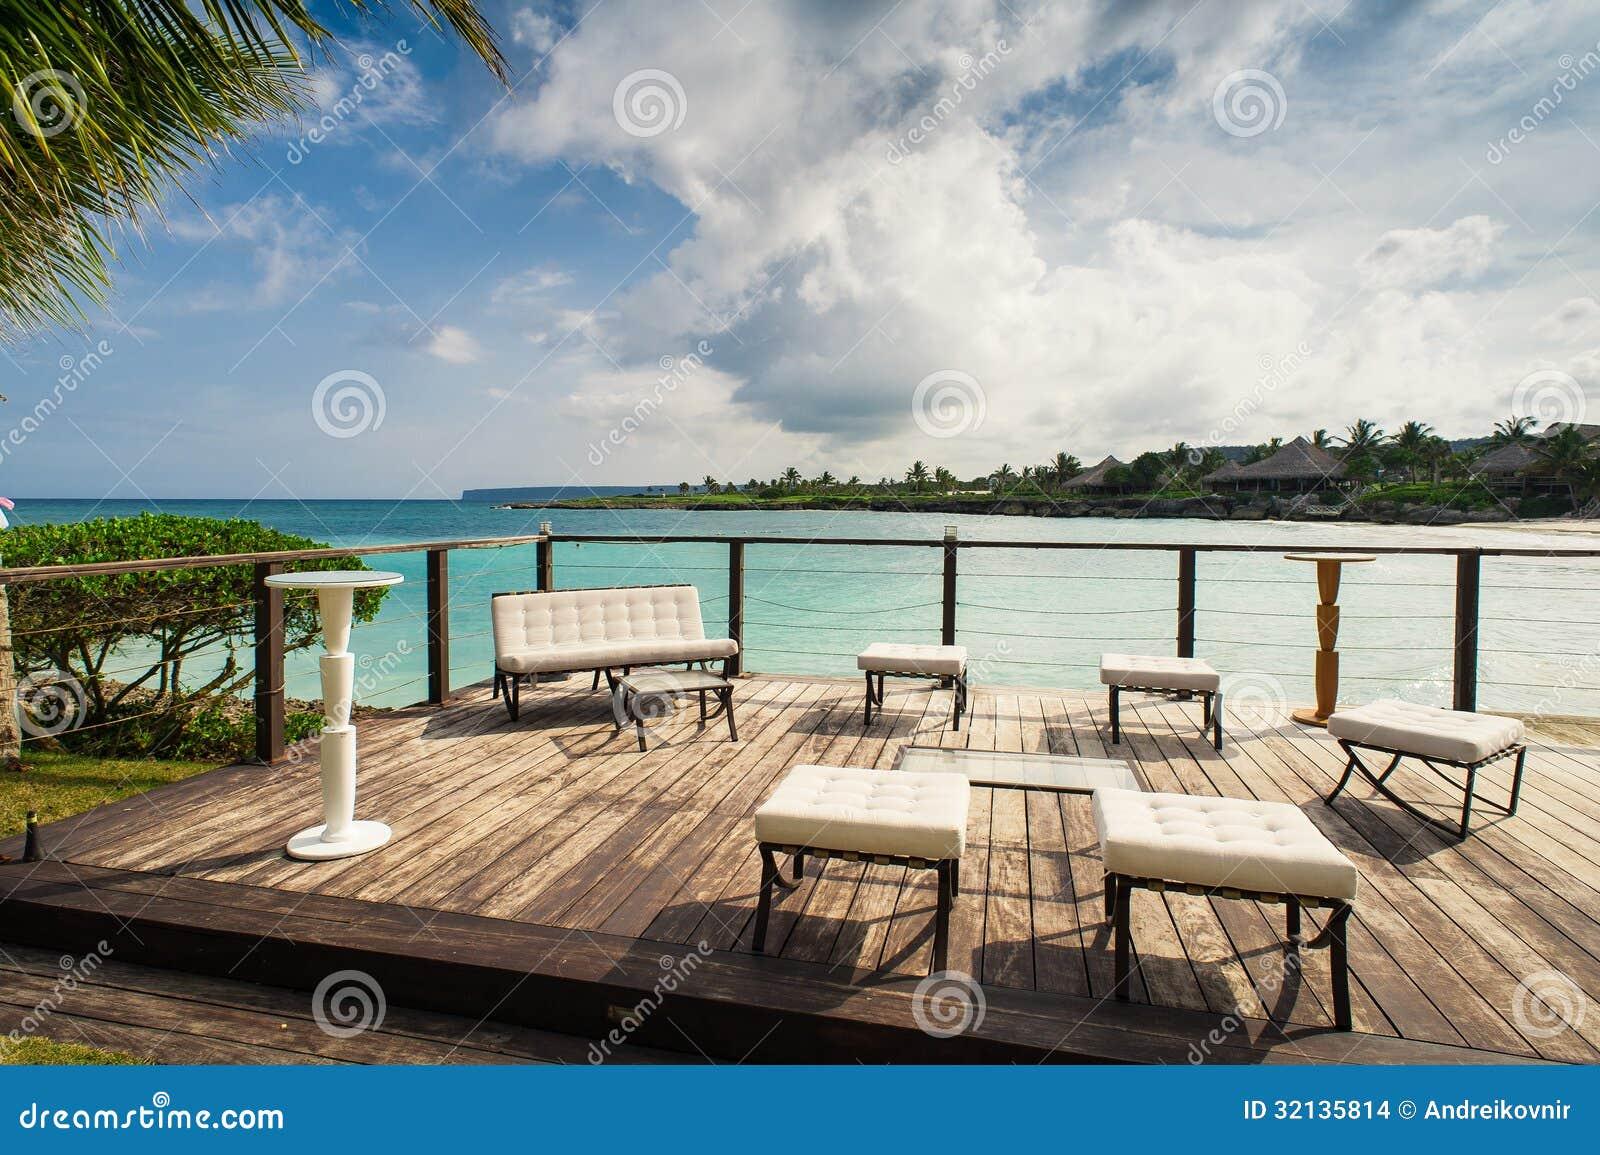 海滩的室外餐馆。在海滩、海洋和天空的咖啡馆。在热带海滩餐馆的表设置。多米尼加共和国,